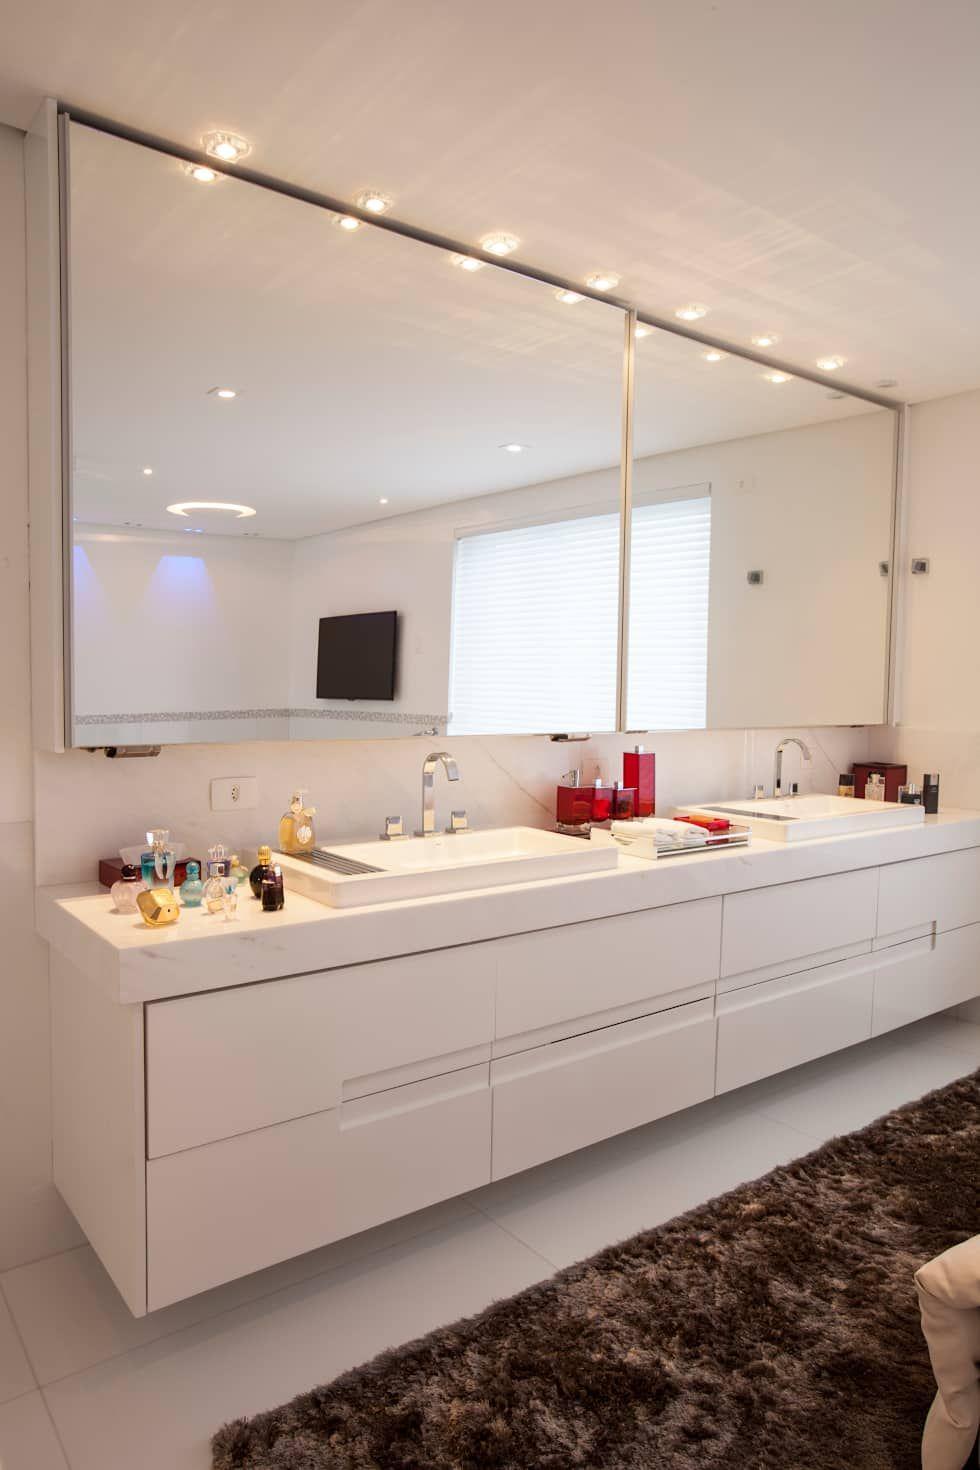 Fotos de decora o design de interiores e reformas for Interiores apartamentos modernos